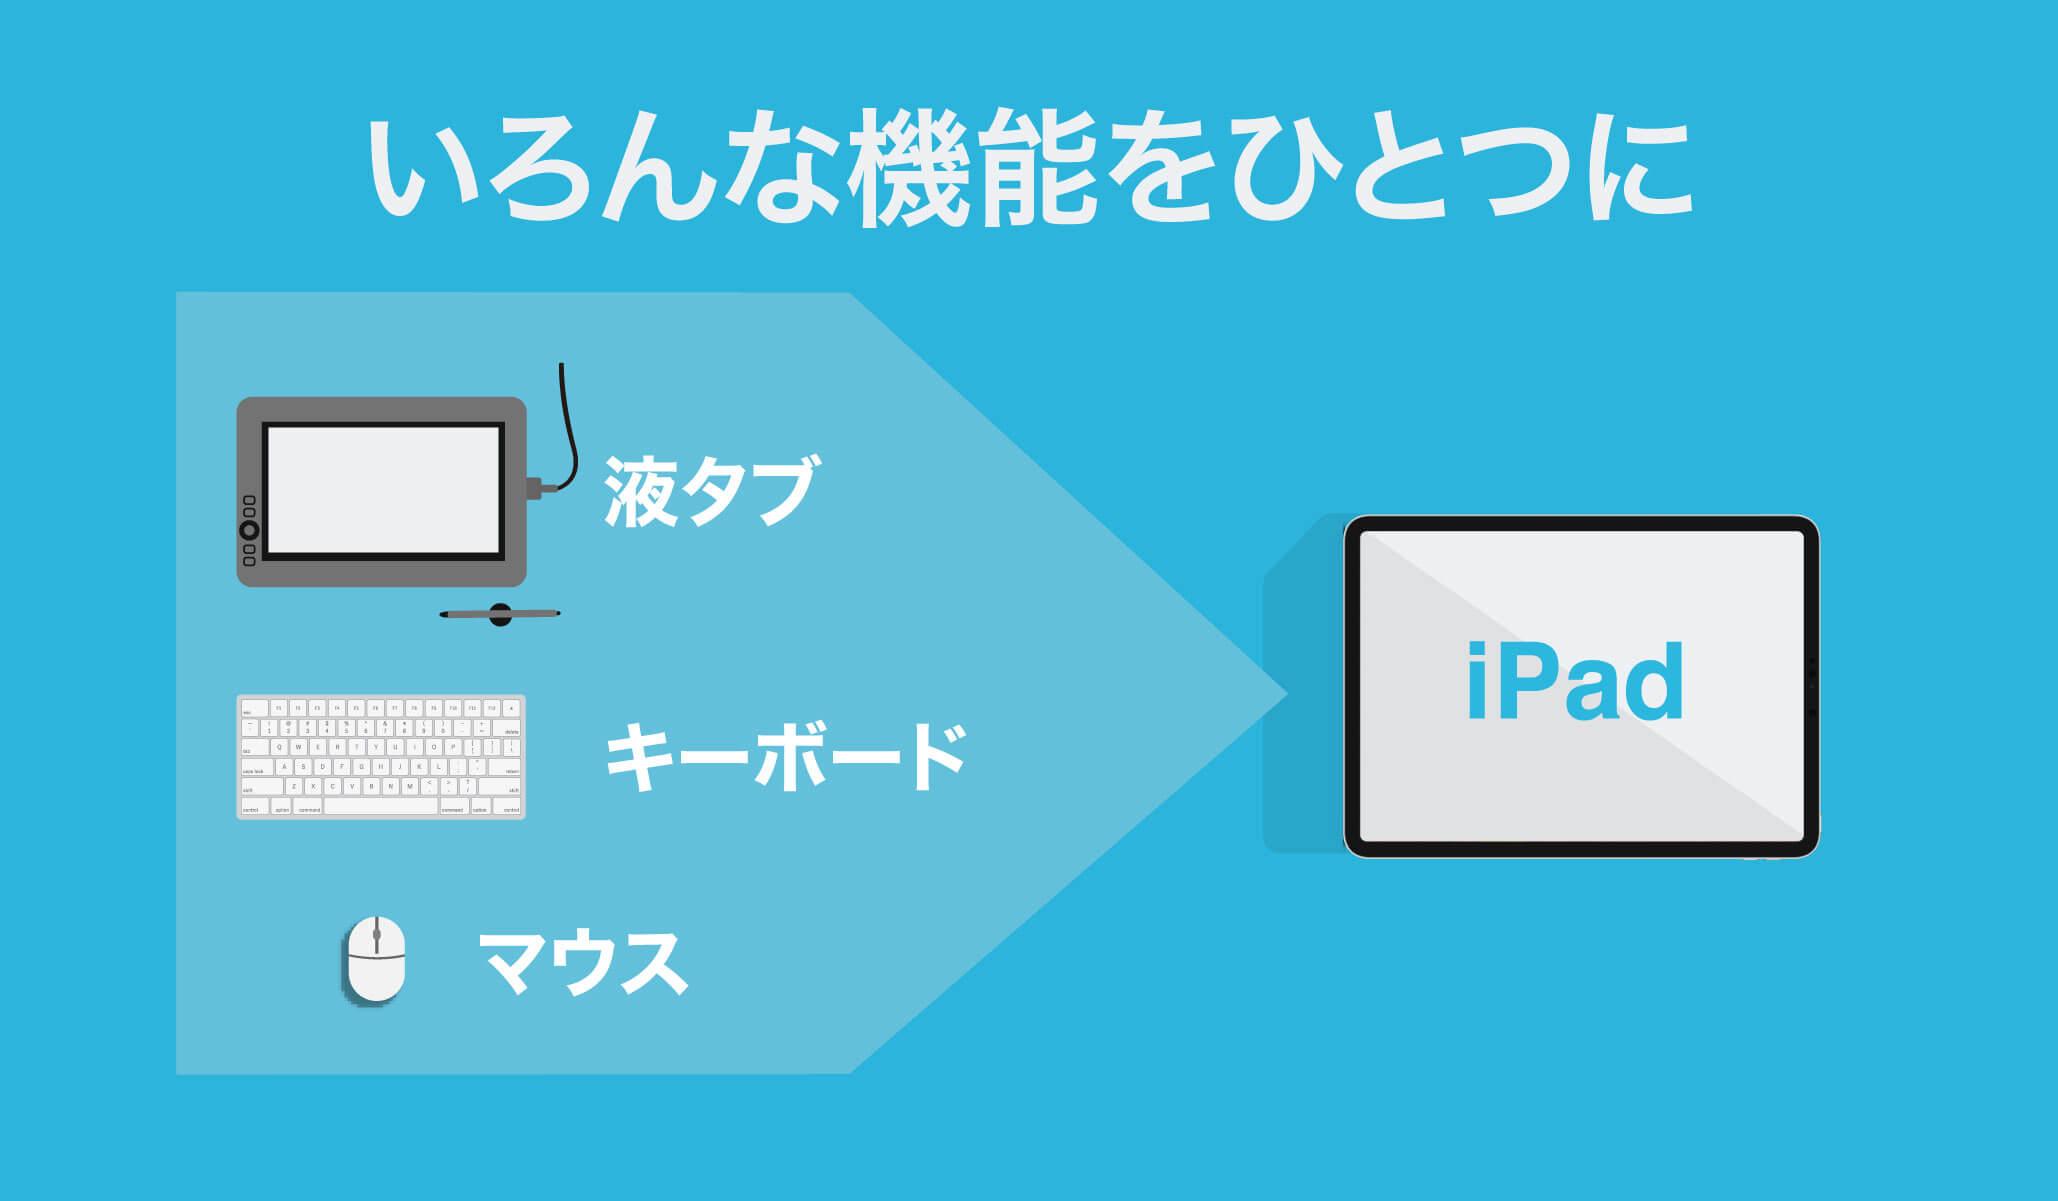 iPadは。液タブ、キーボード、マウス機能が入っている